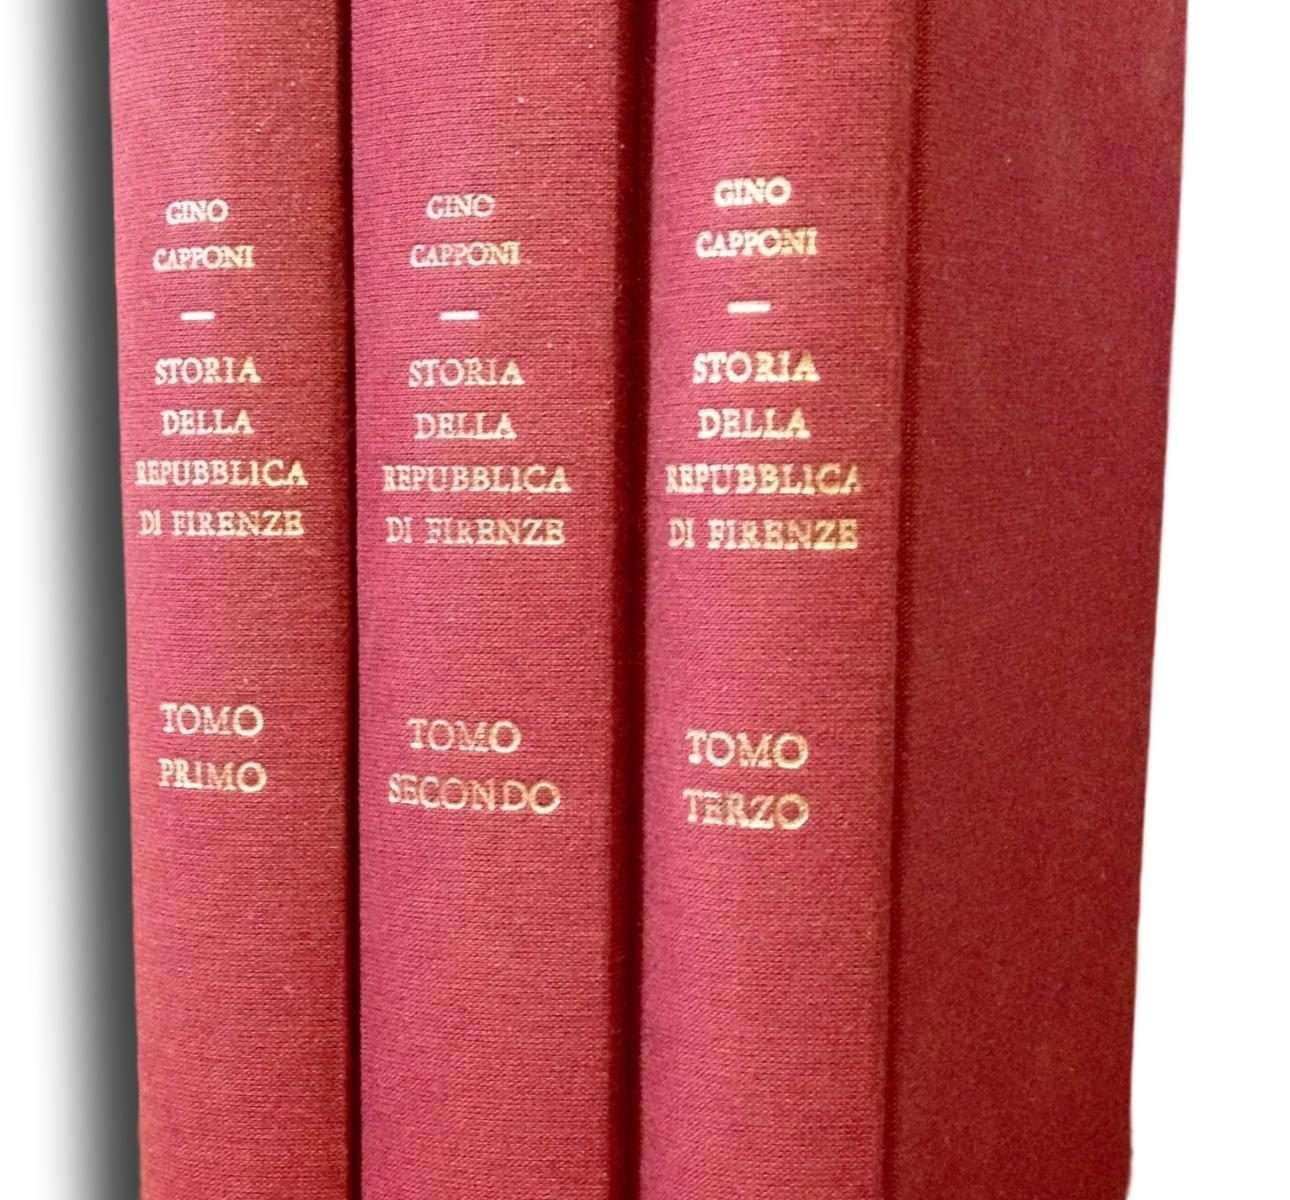 STORIA DELLA REPUBBLICA DI FIRENZE  <BR/>Gino Capponi